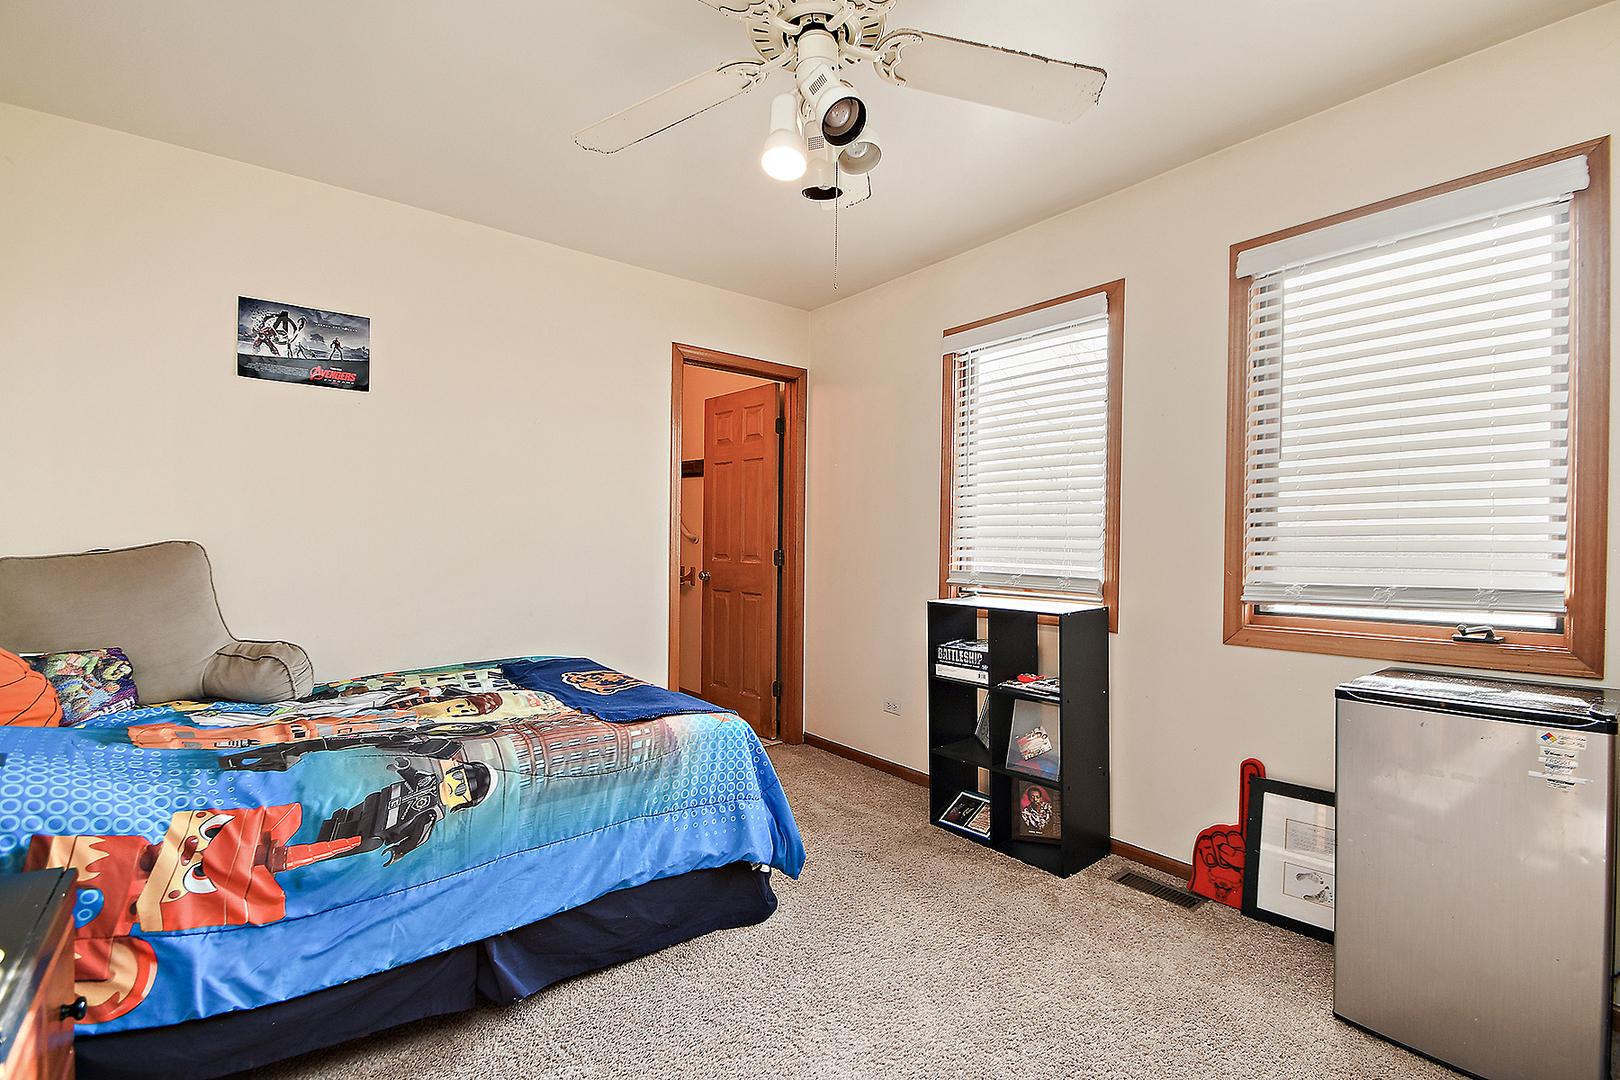 9419 Lindsay, Orland Hills, Illinois, 60487